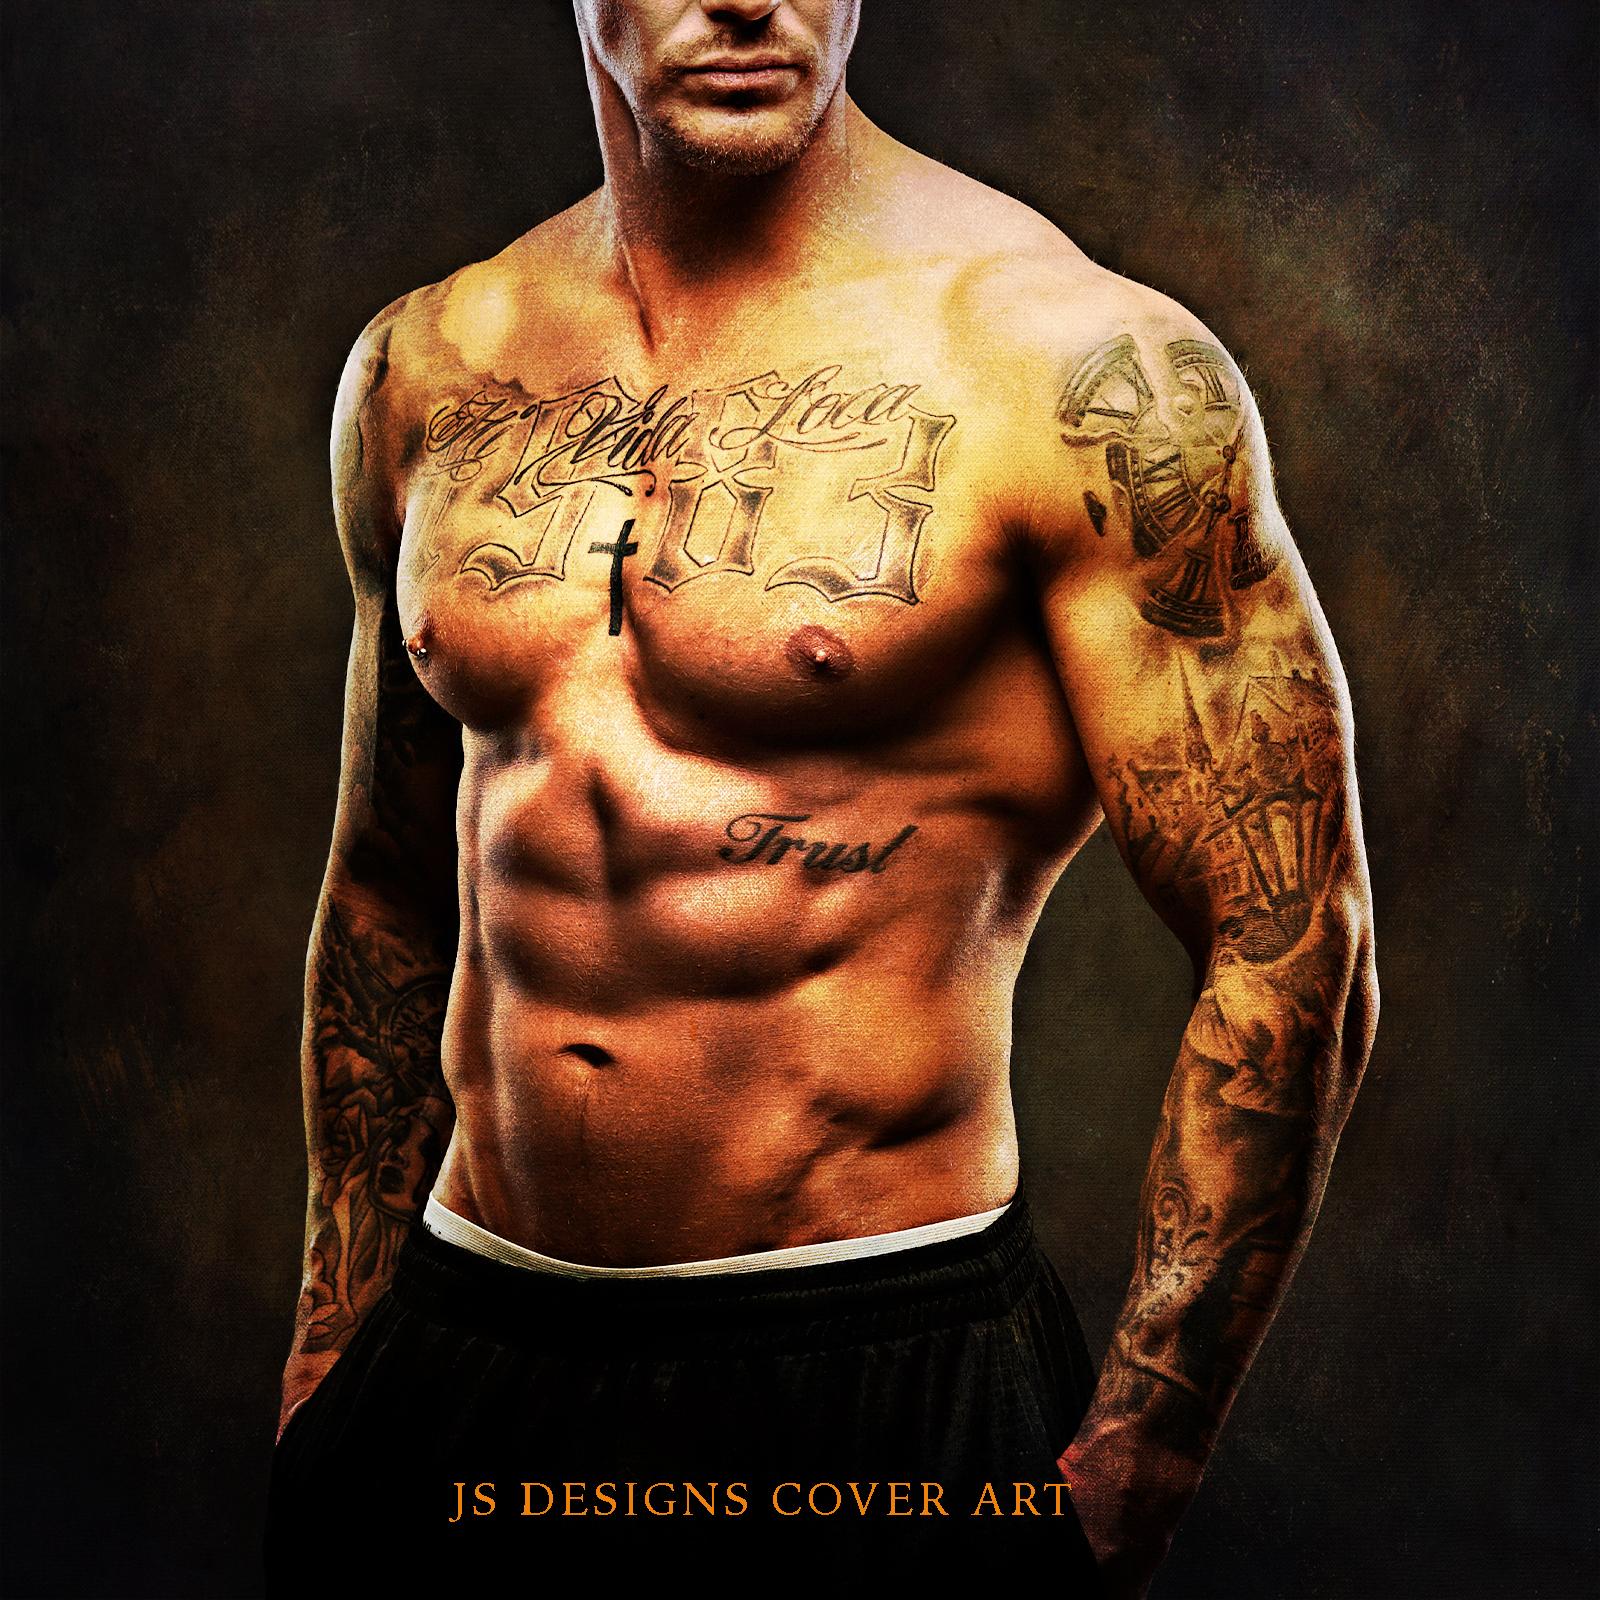 Vella Hot Tattoo Man